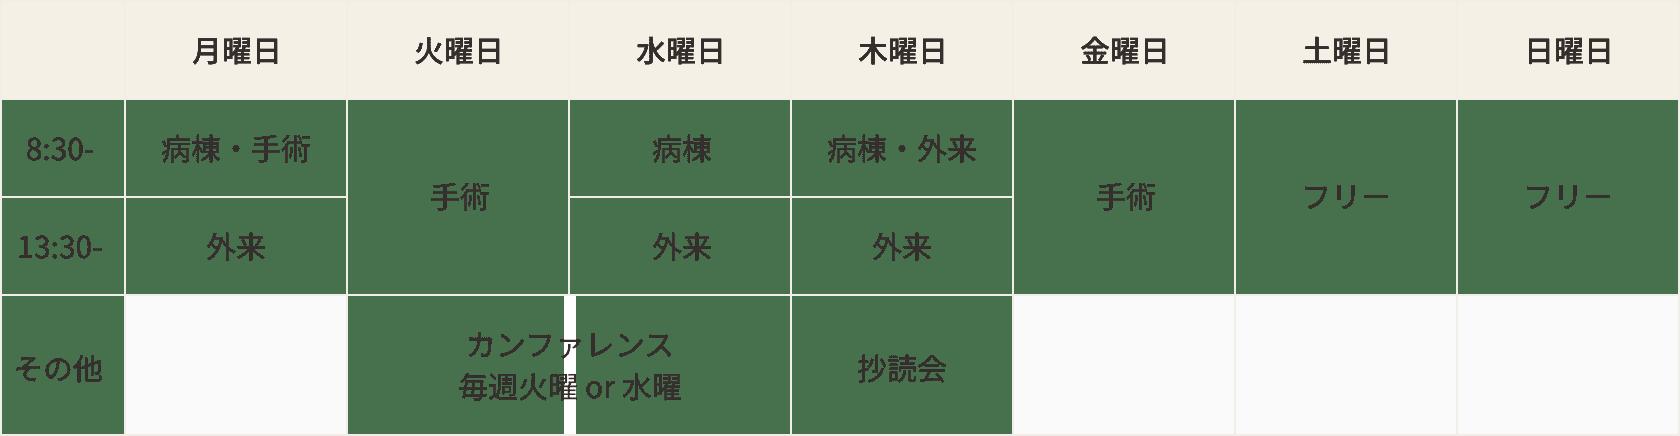 研修スケジュールの表